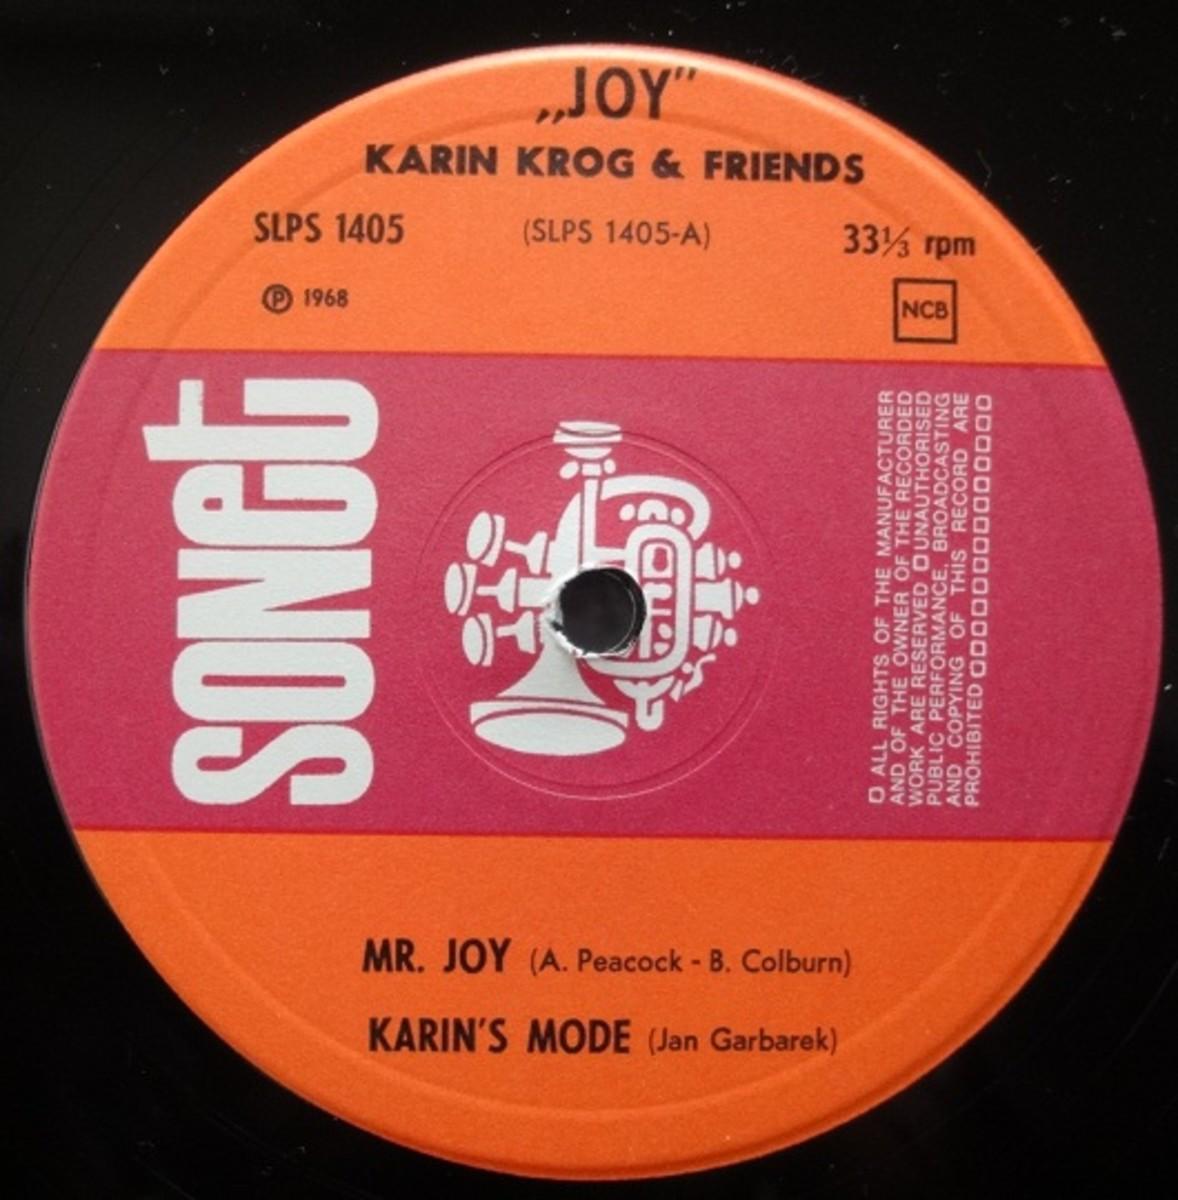 Karin Krog's formative jazz album Joy, on vinyl.